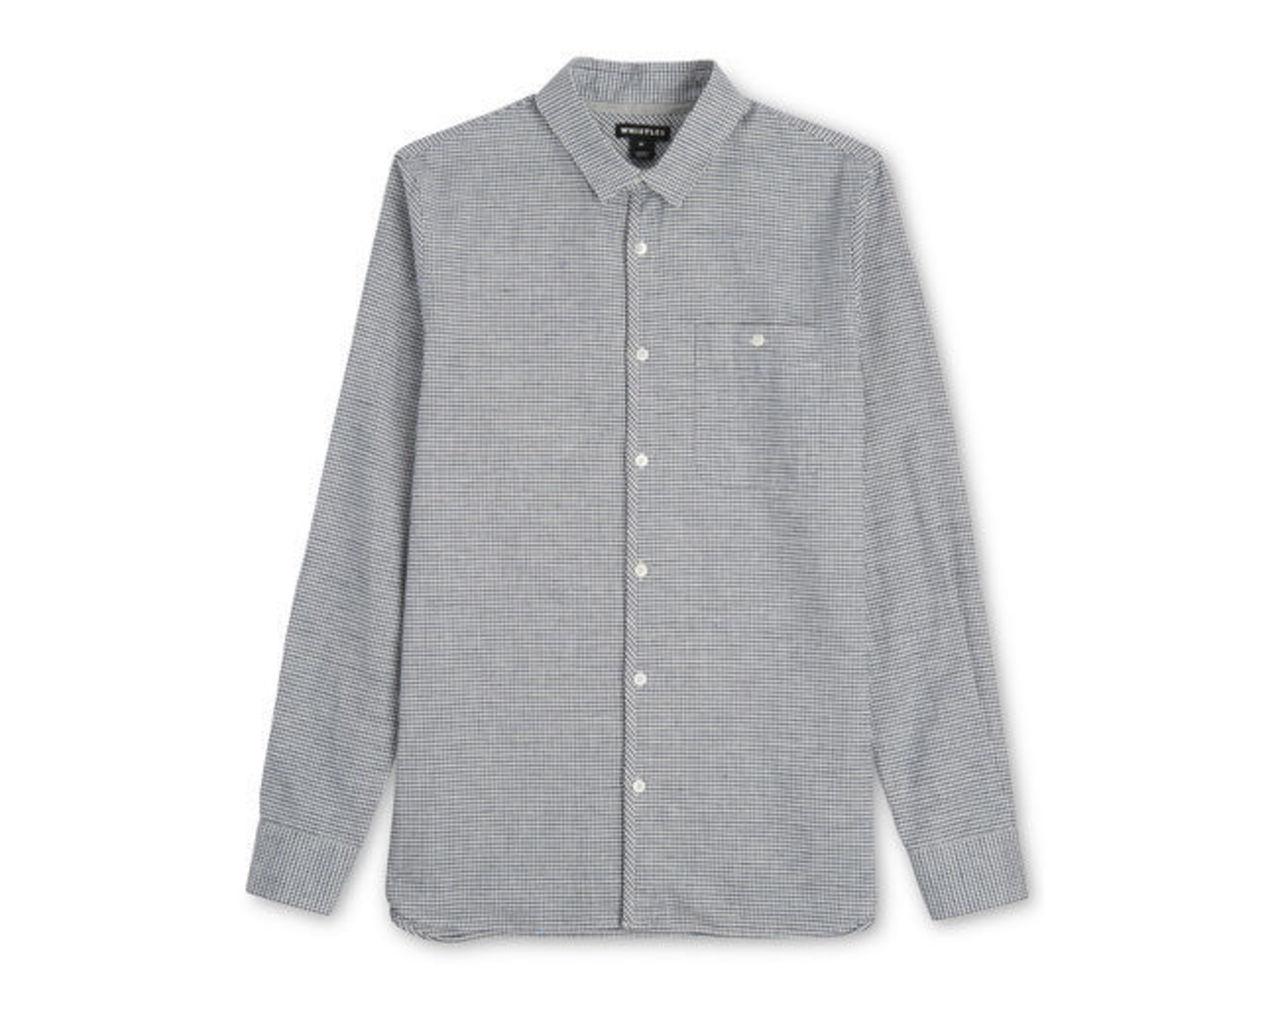 Grid Check Slim Fit Shirt